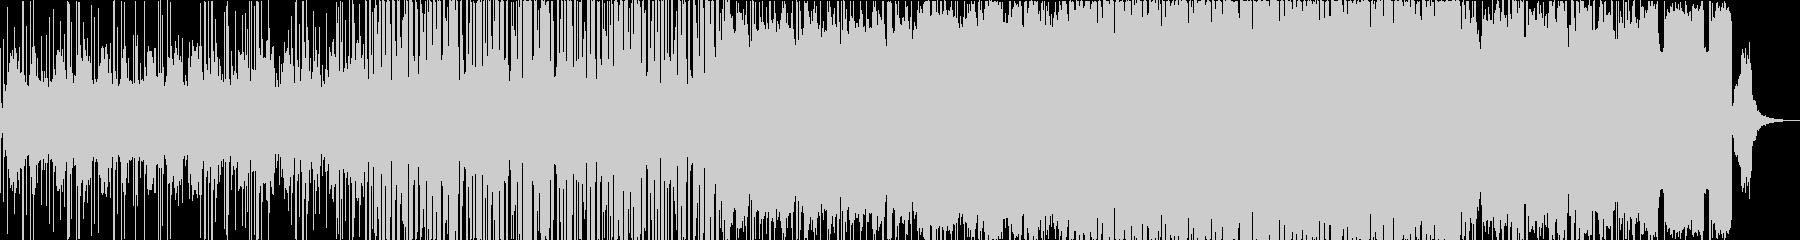 ストリングスが凄く美しいアンビエント曲!の未再生の波形